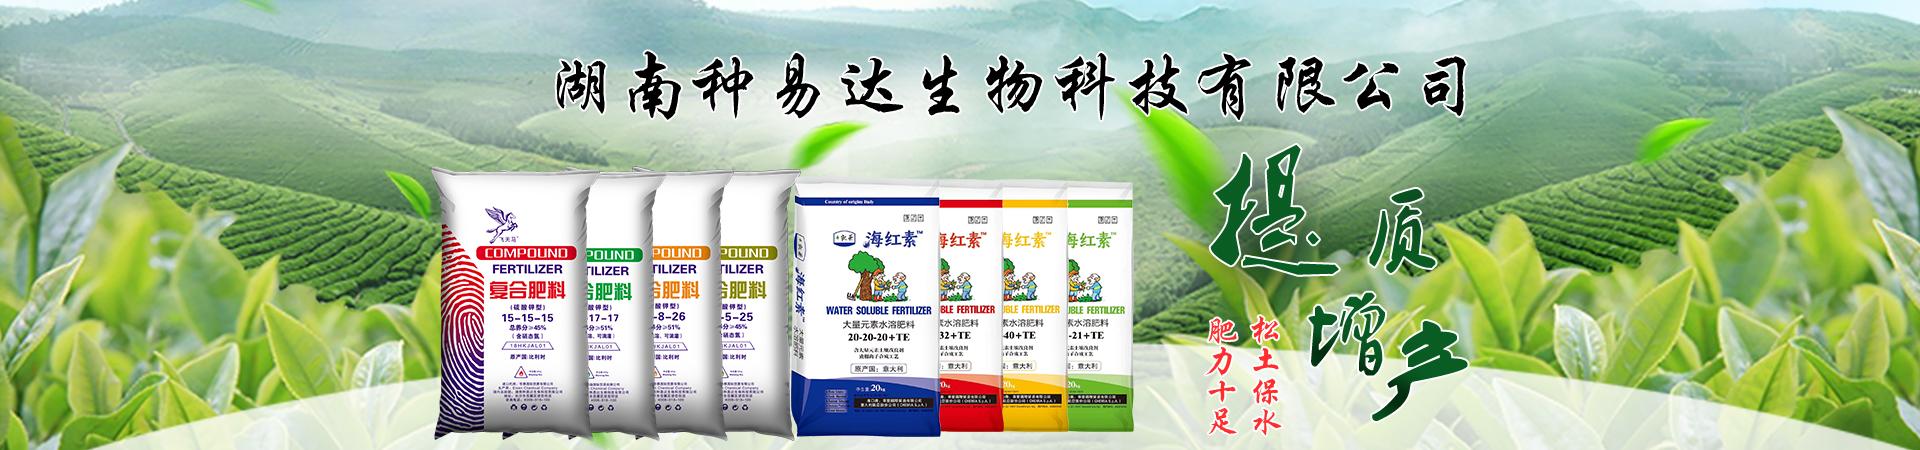 湖南种易达生物科技有限公司